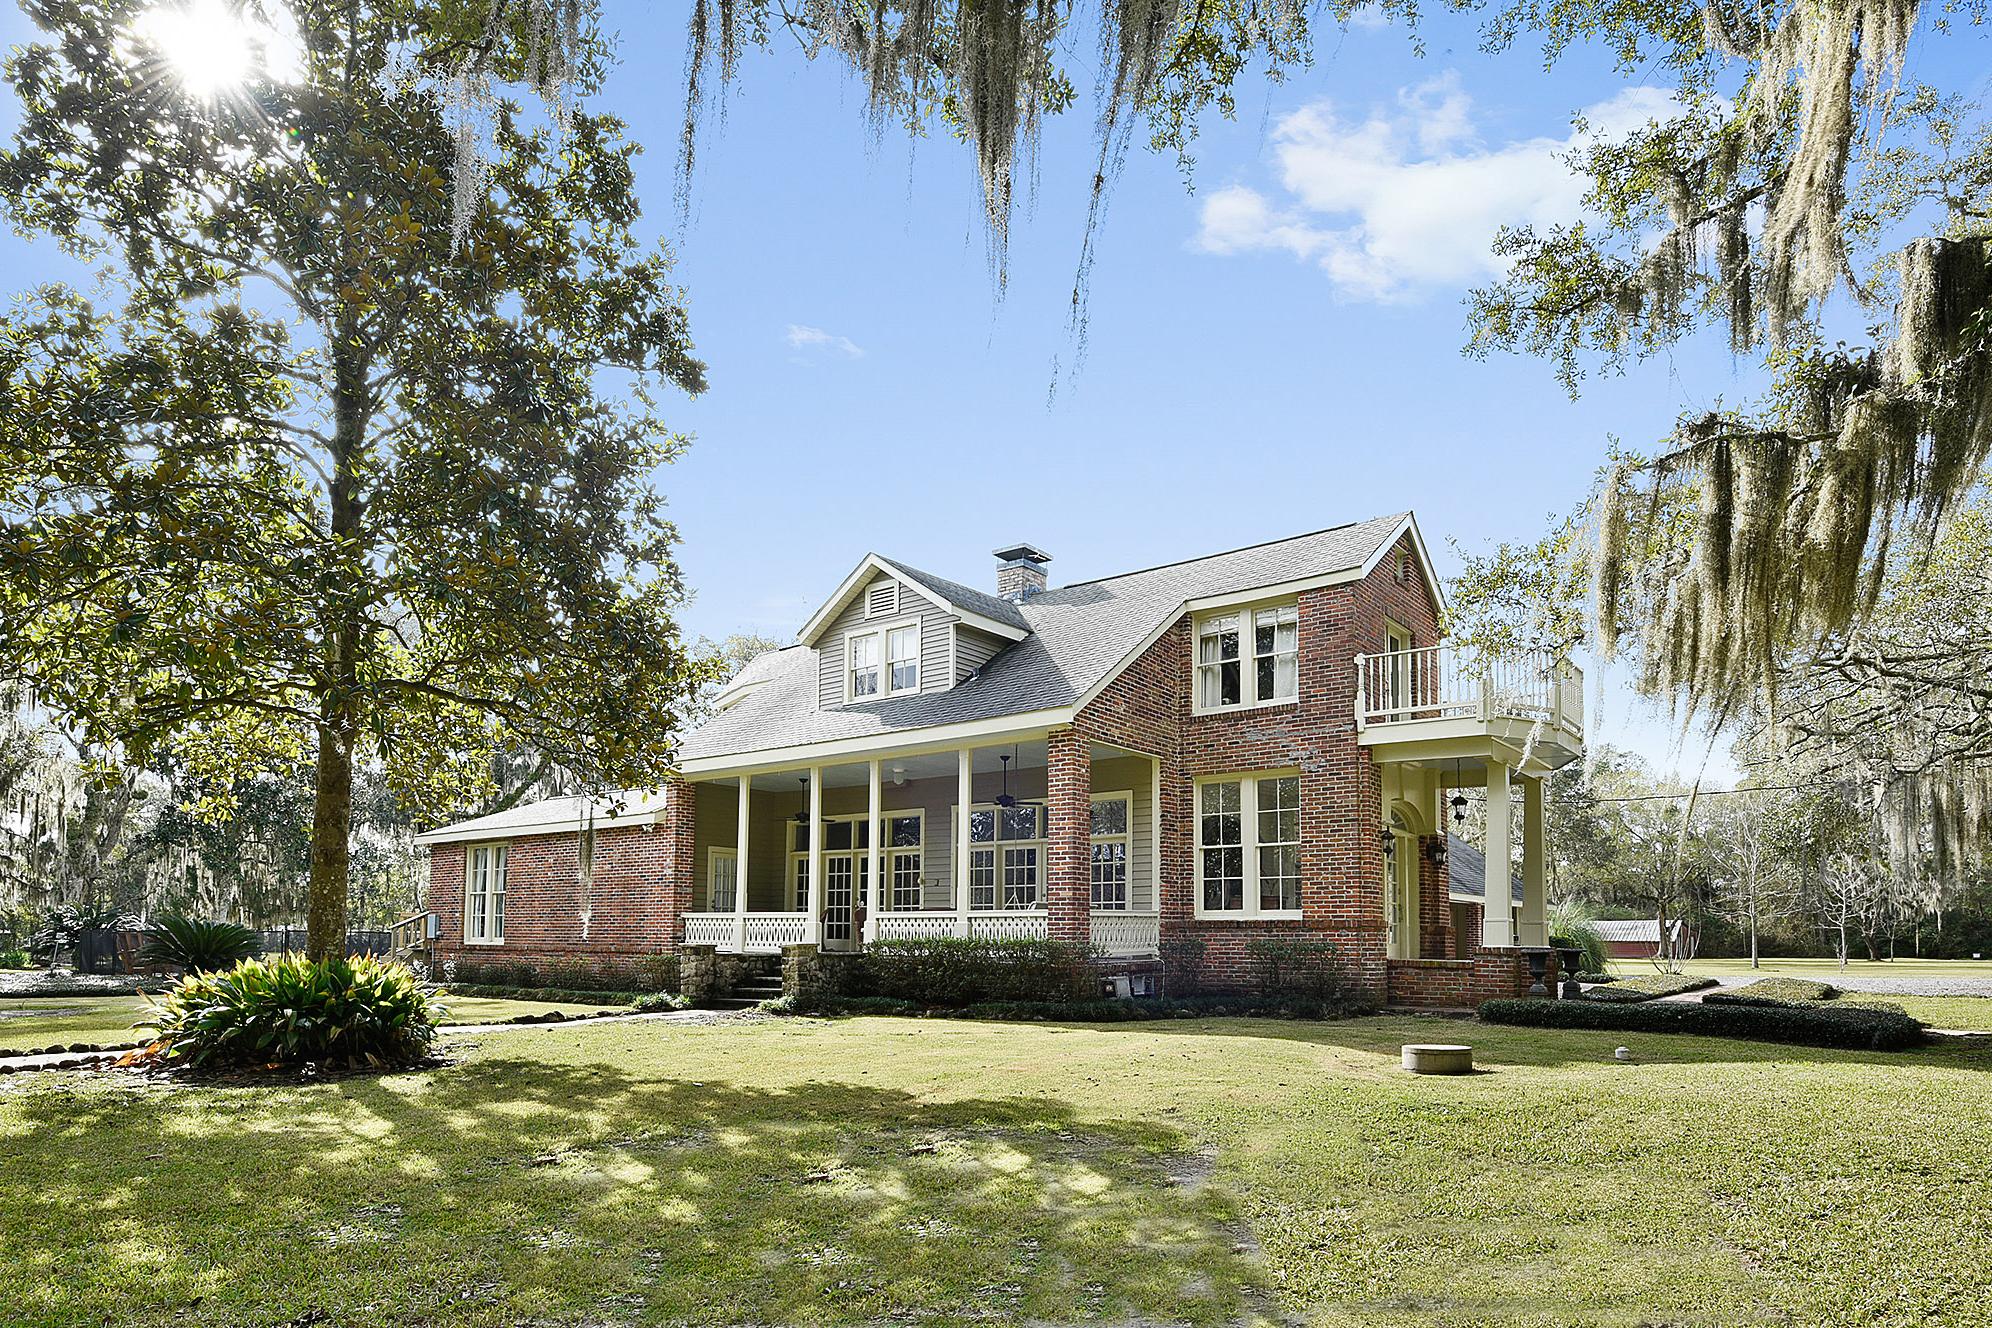 Villa per Vendita alle ore 34600 Treasure Cove Lane 34600 Treasure Cove Ln Slidell, Louisiana, 70460 Stati Uniti